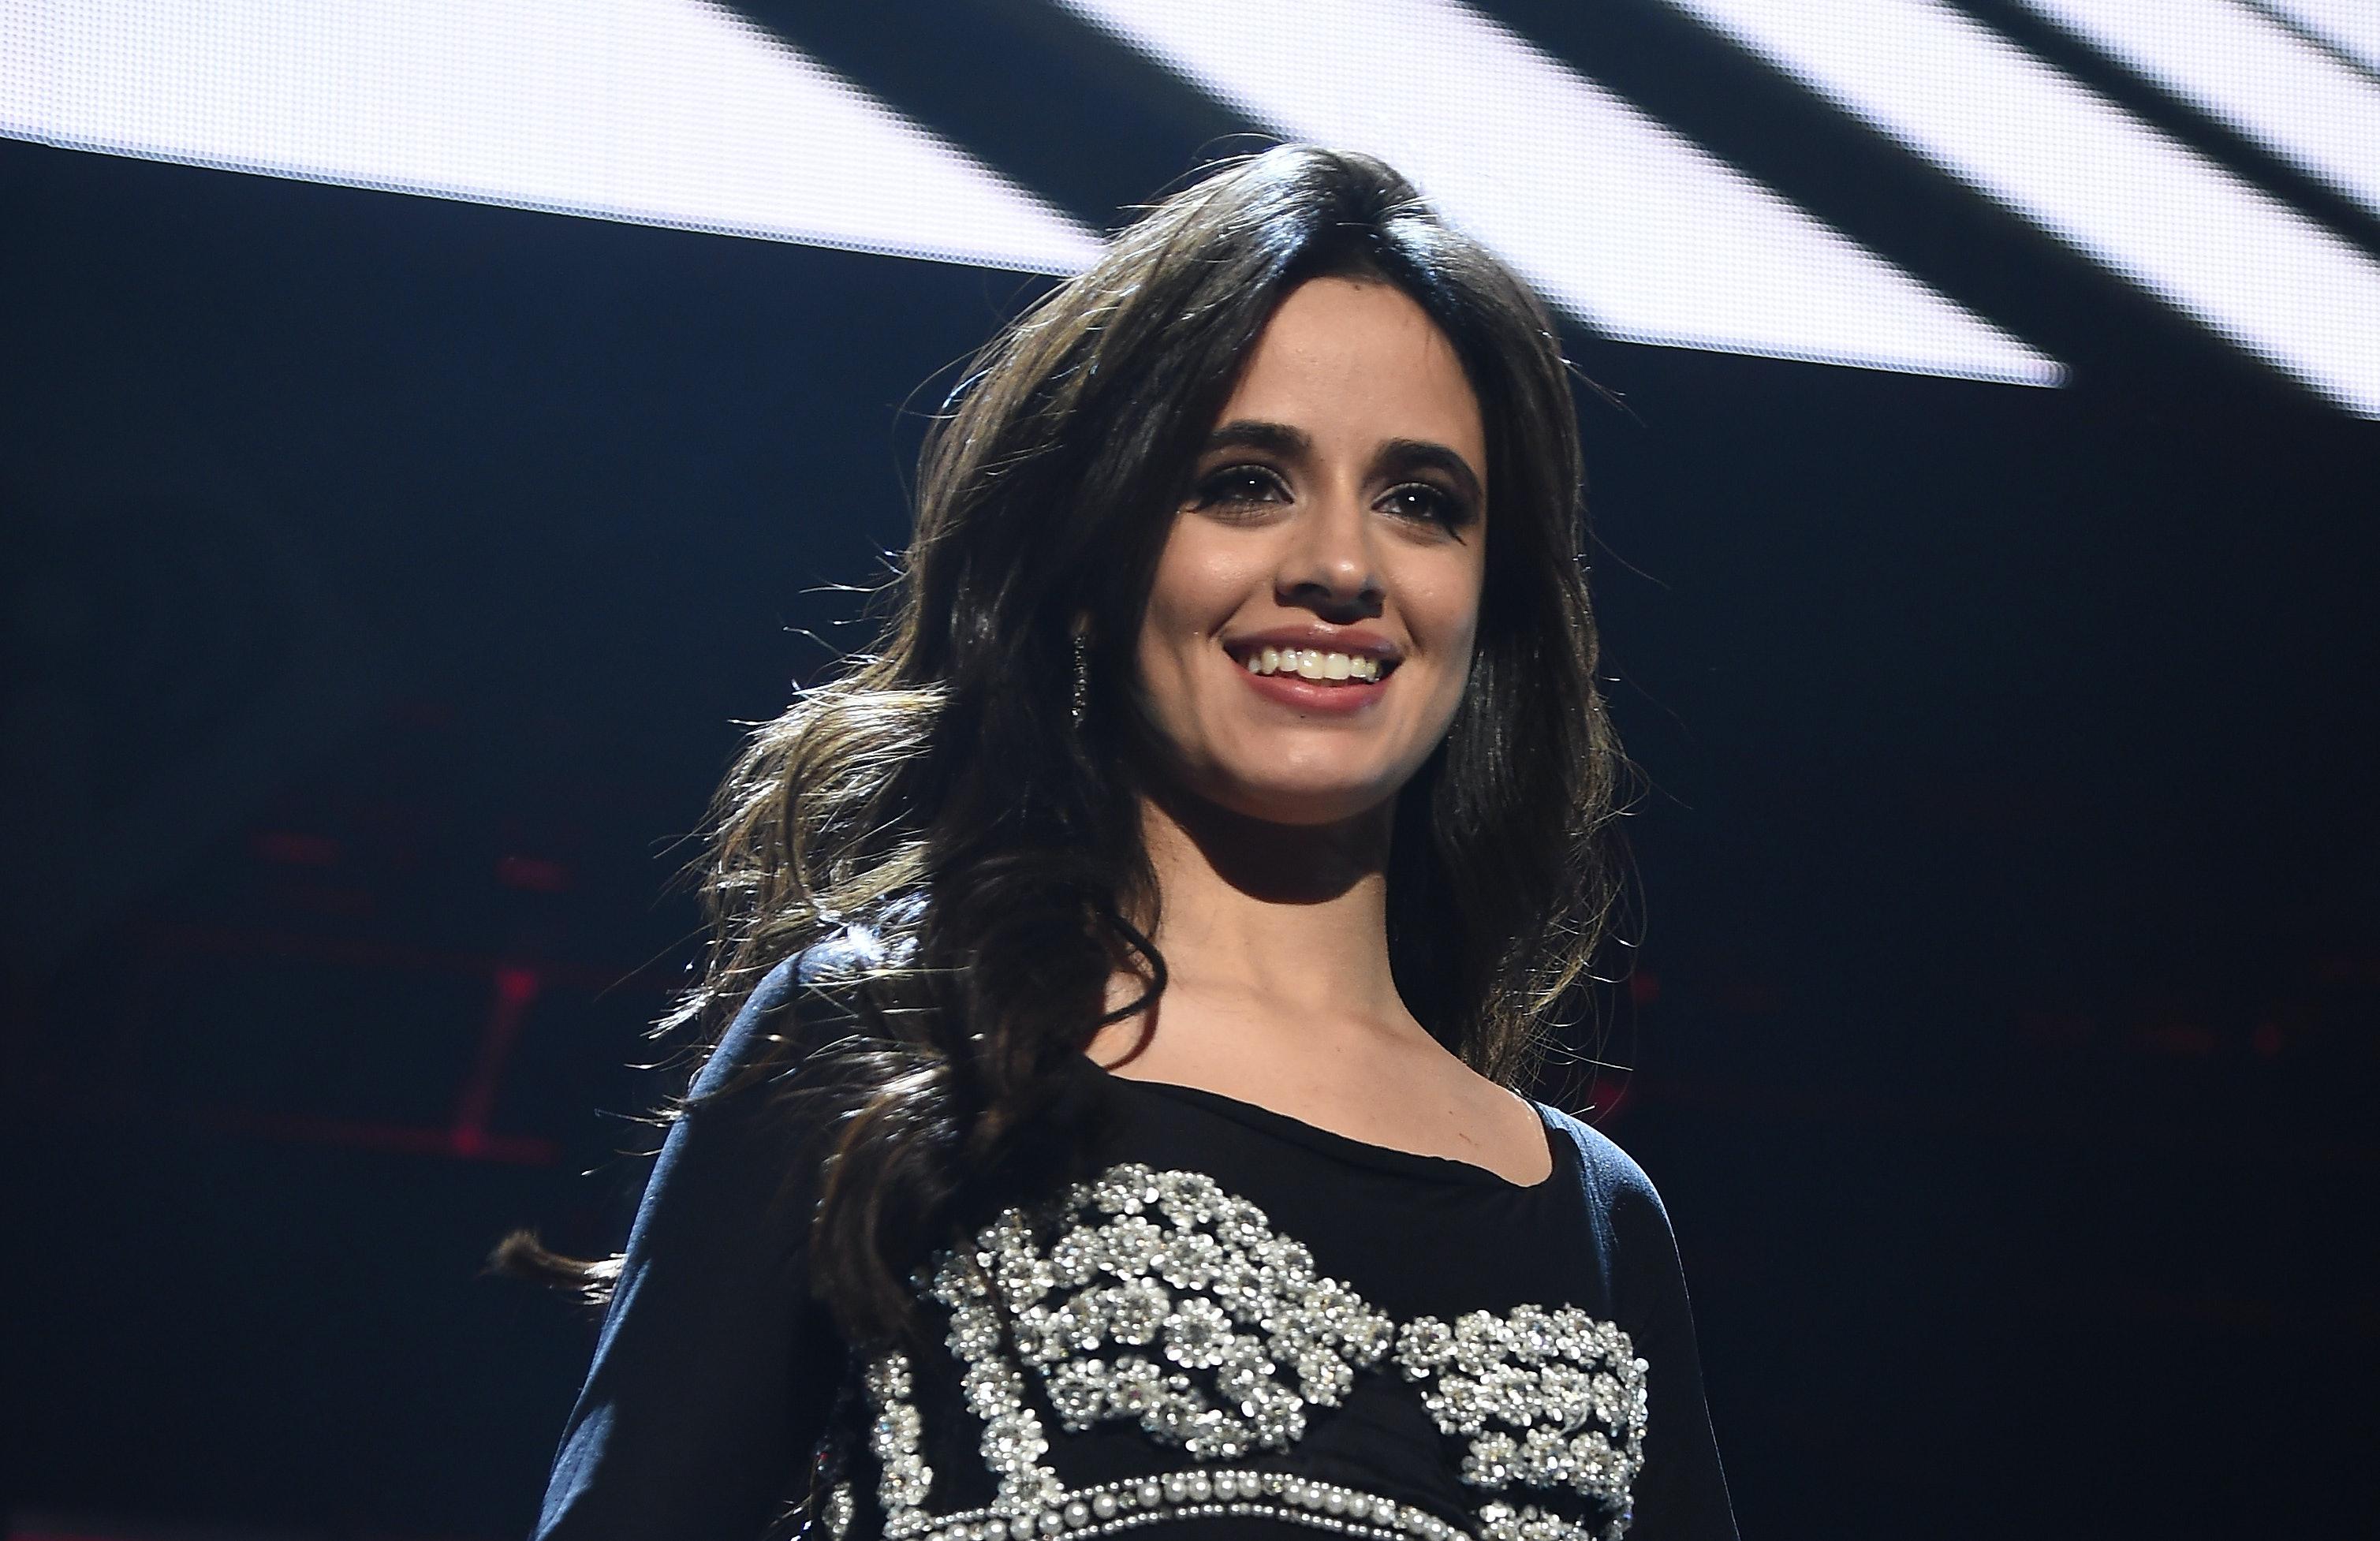 Camila fifth harmony dating 2019